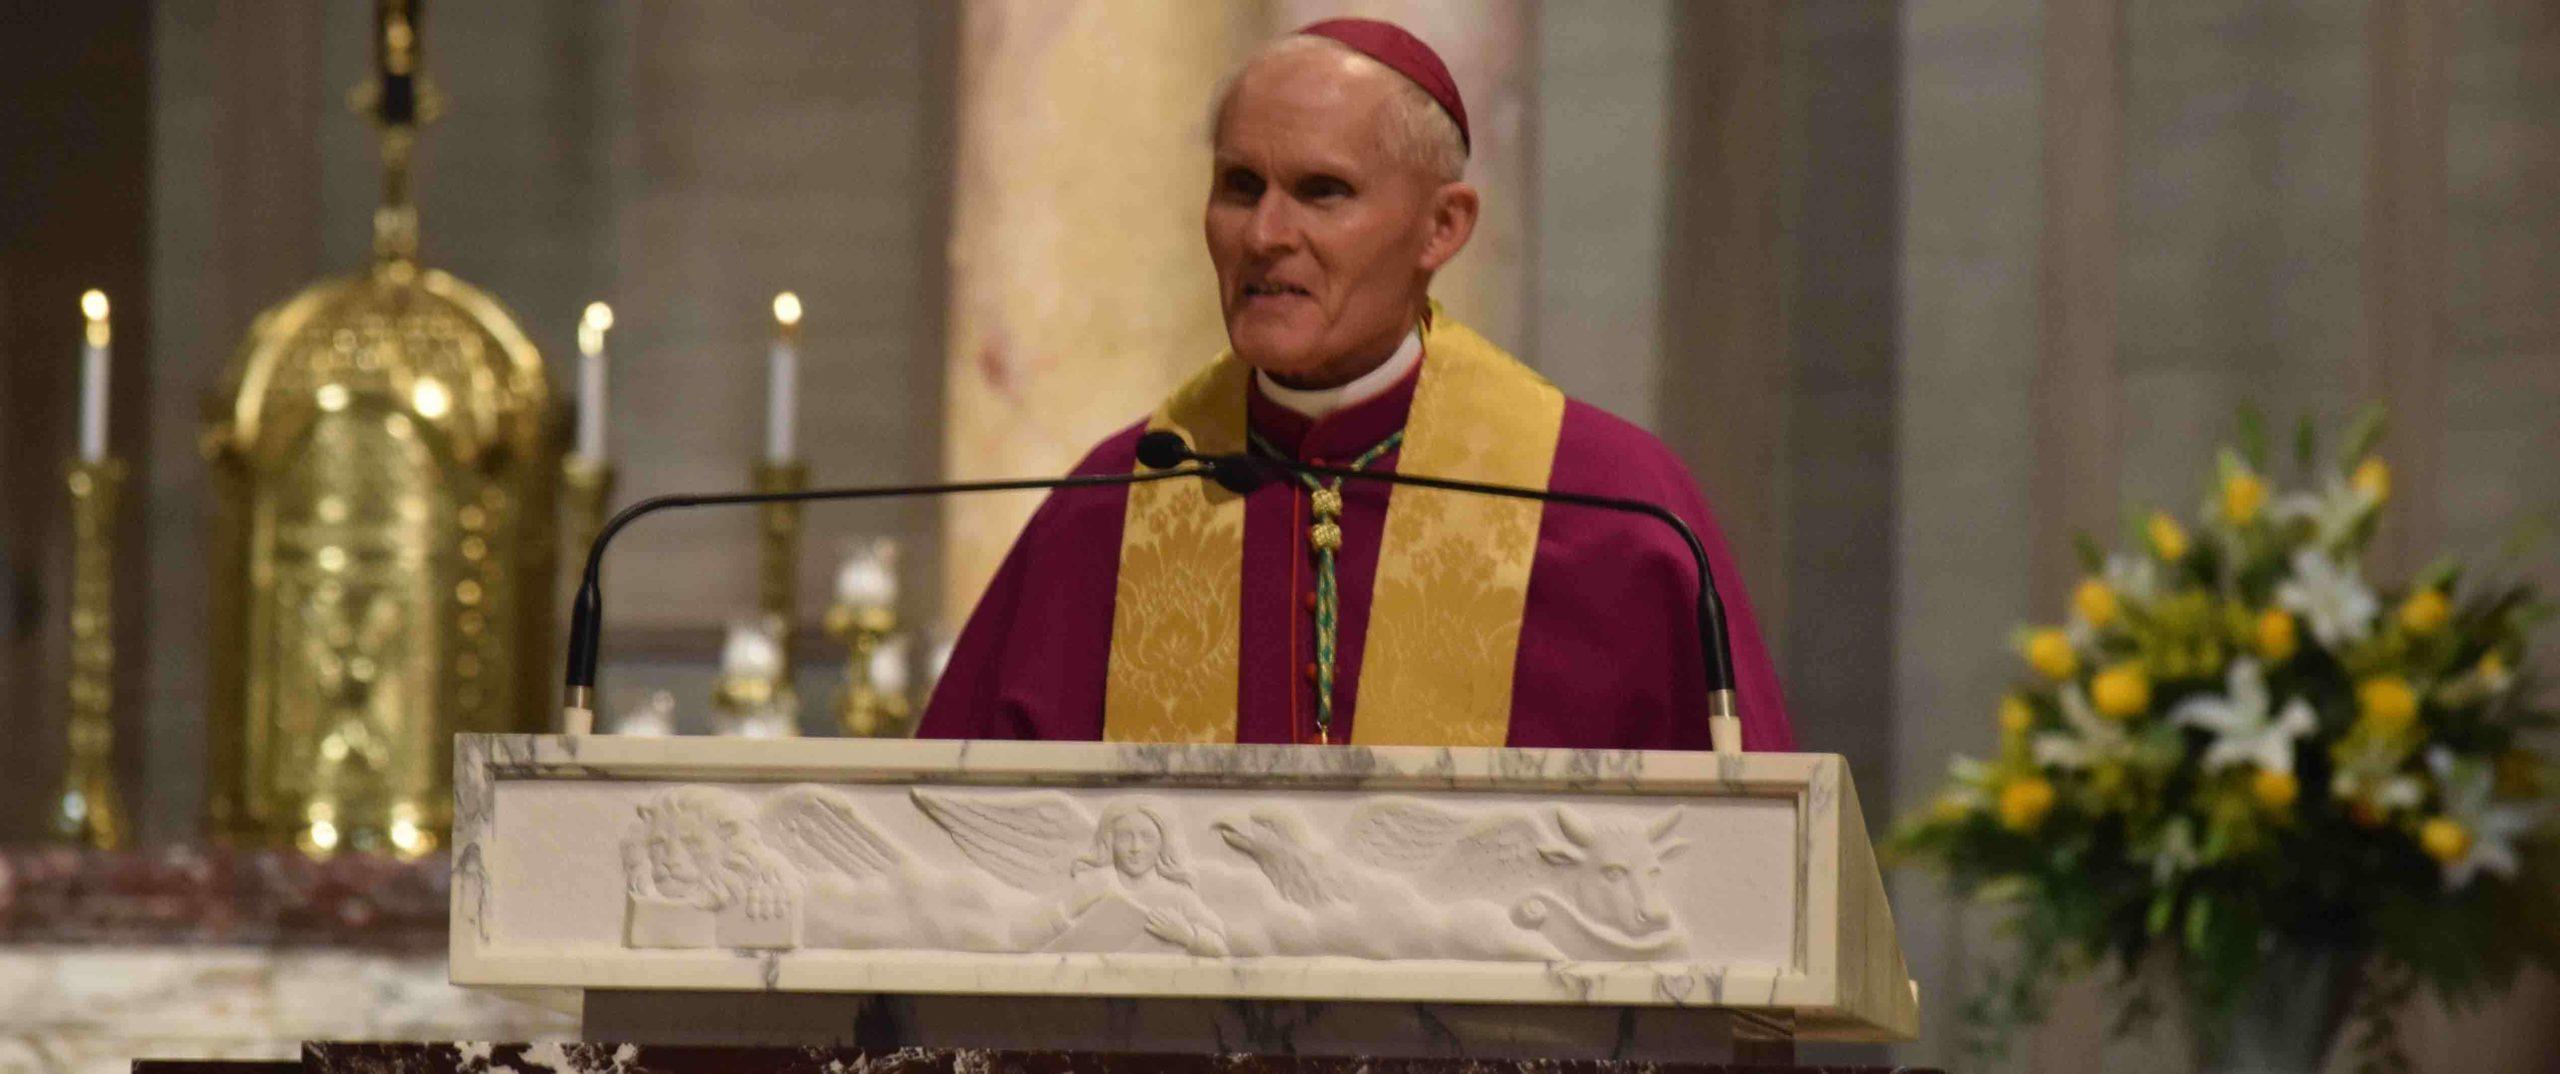 Bishop Brennan pledges to be 'good shepherd' for West Virginia